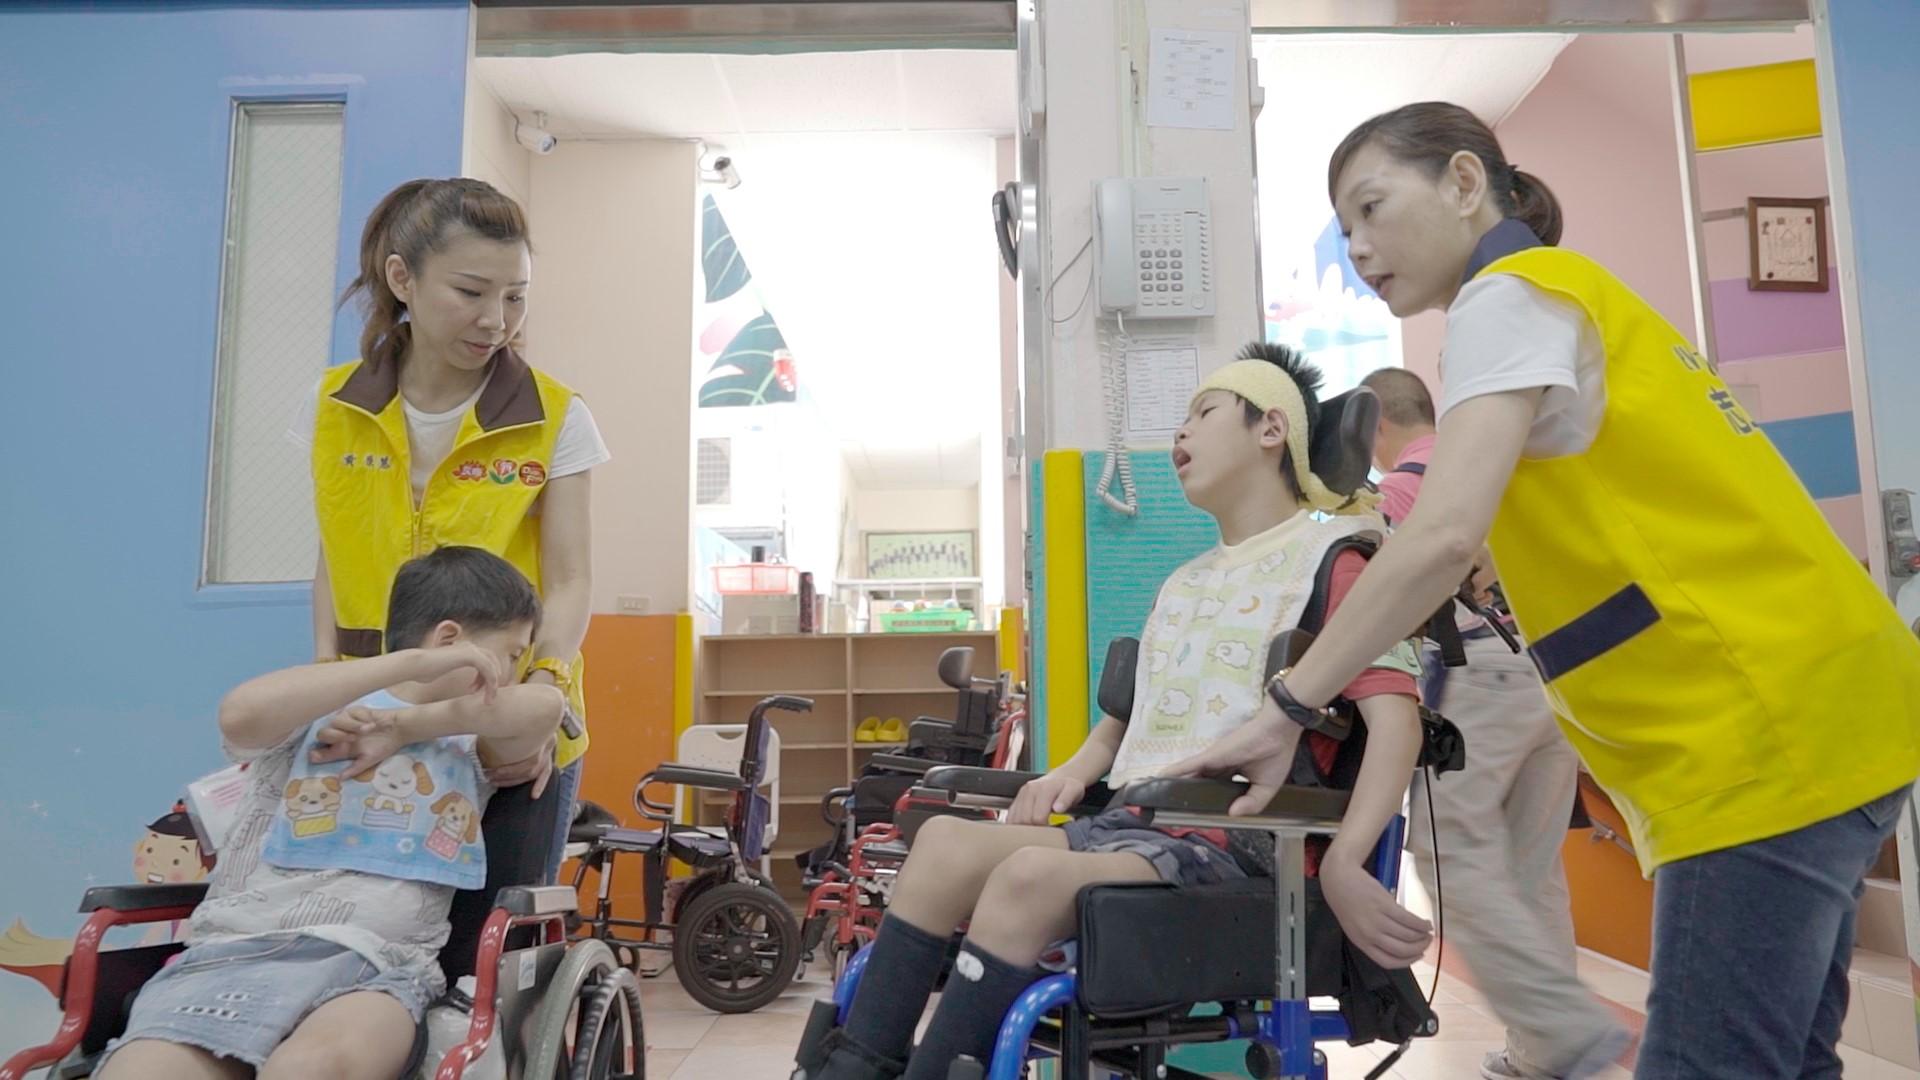 昇恆昌志工在康福智能發展中心準備協助物理治療,左為黃榮慧